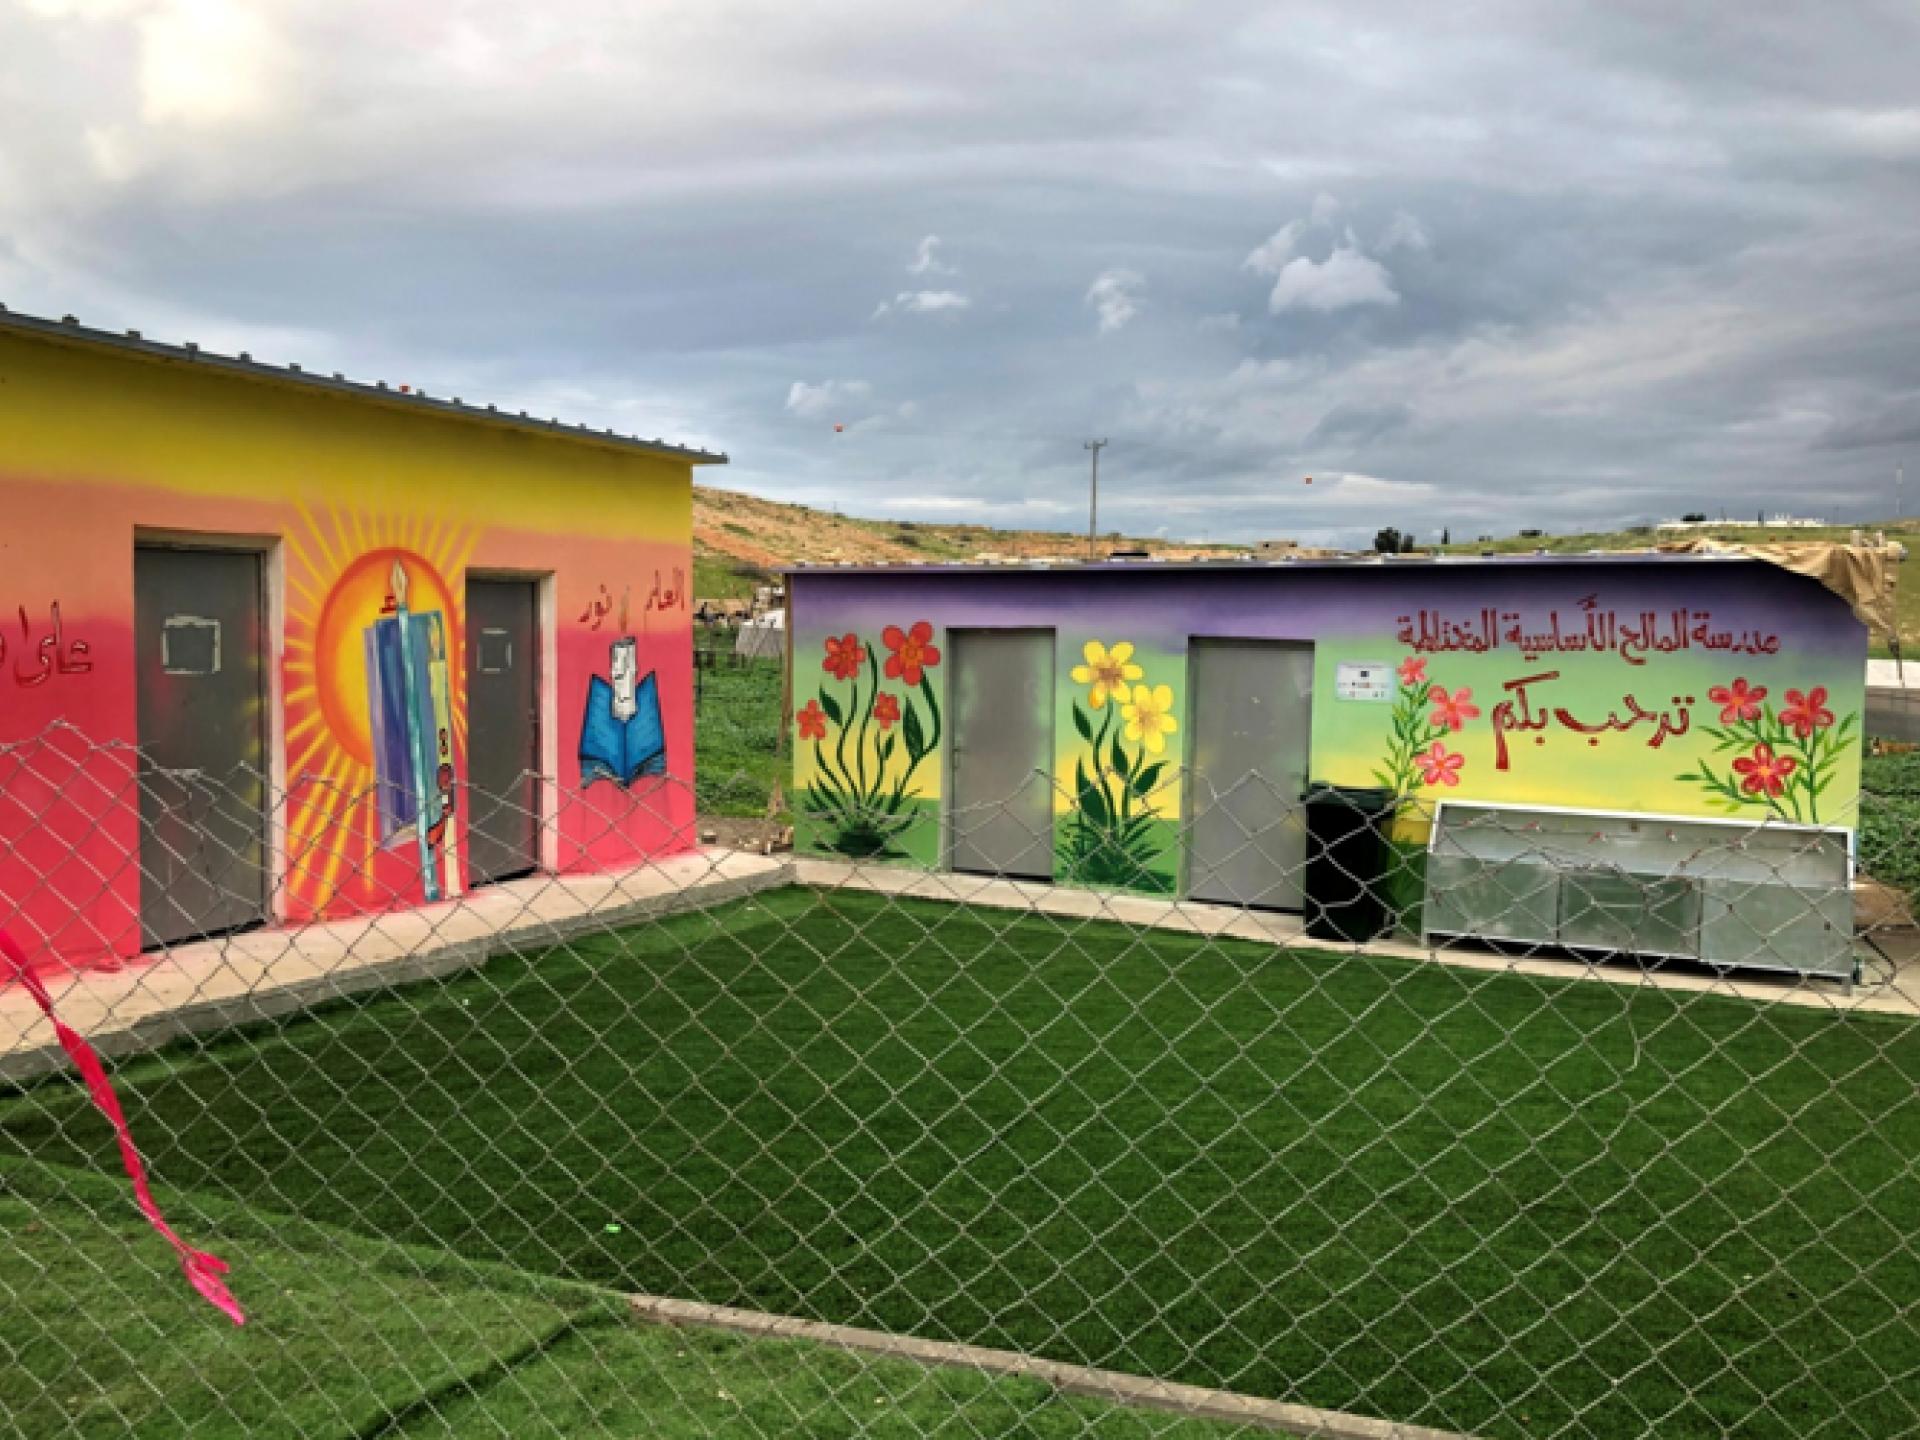 שני מבנים קטנים של בית ספר, דשא מפלסטיק ירוק מאוד וציורי קיר יפים